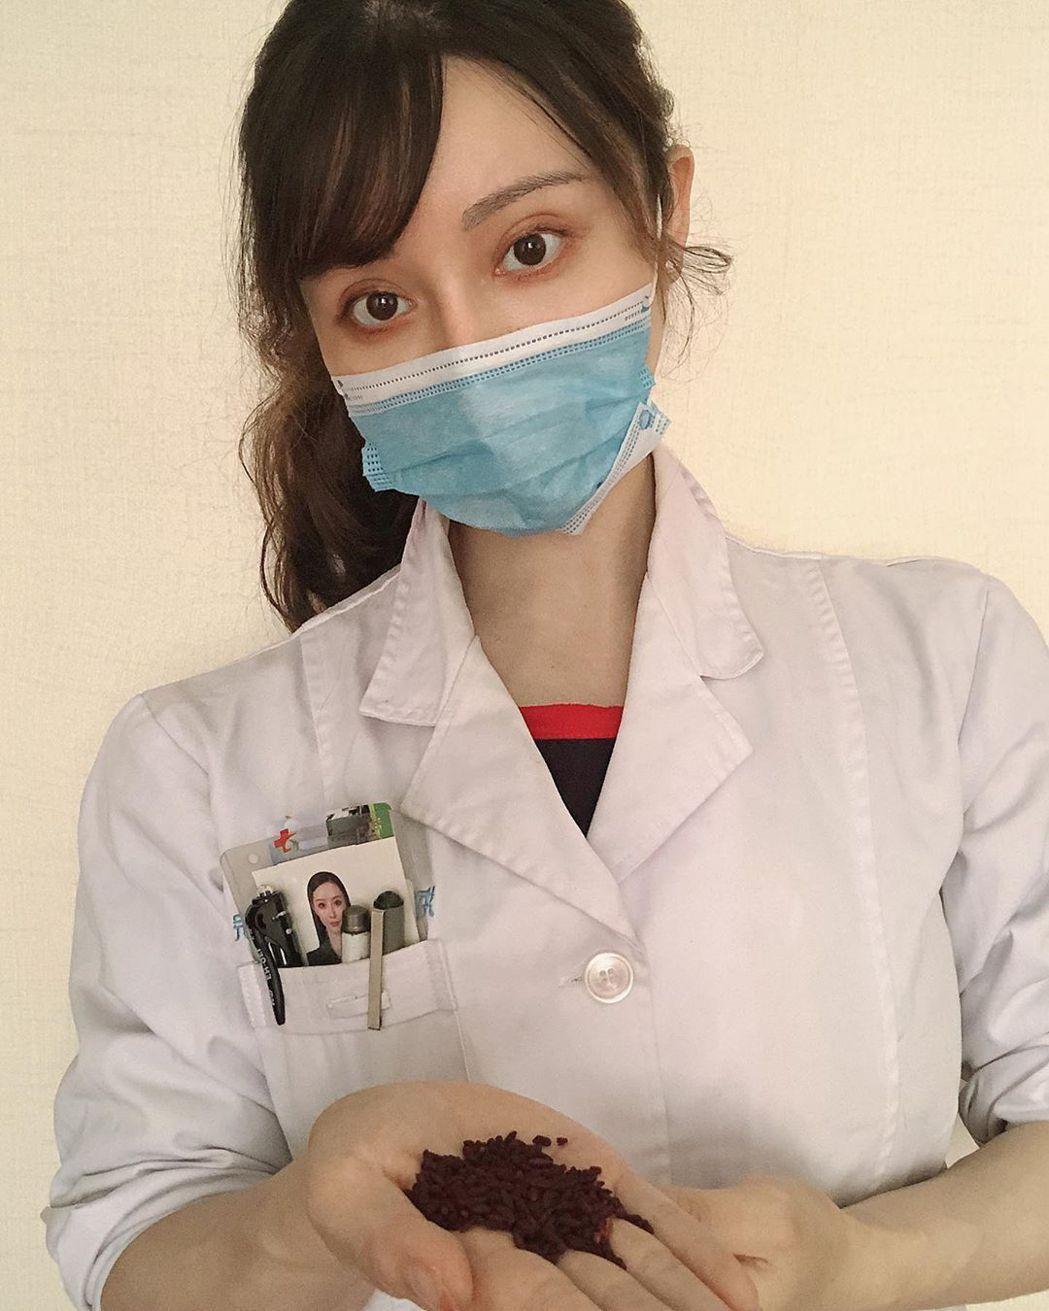 袁合榮是一位中醫師。 圖/擷自IG